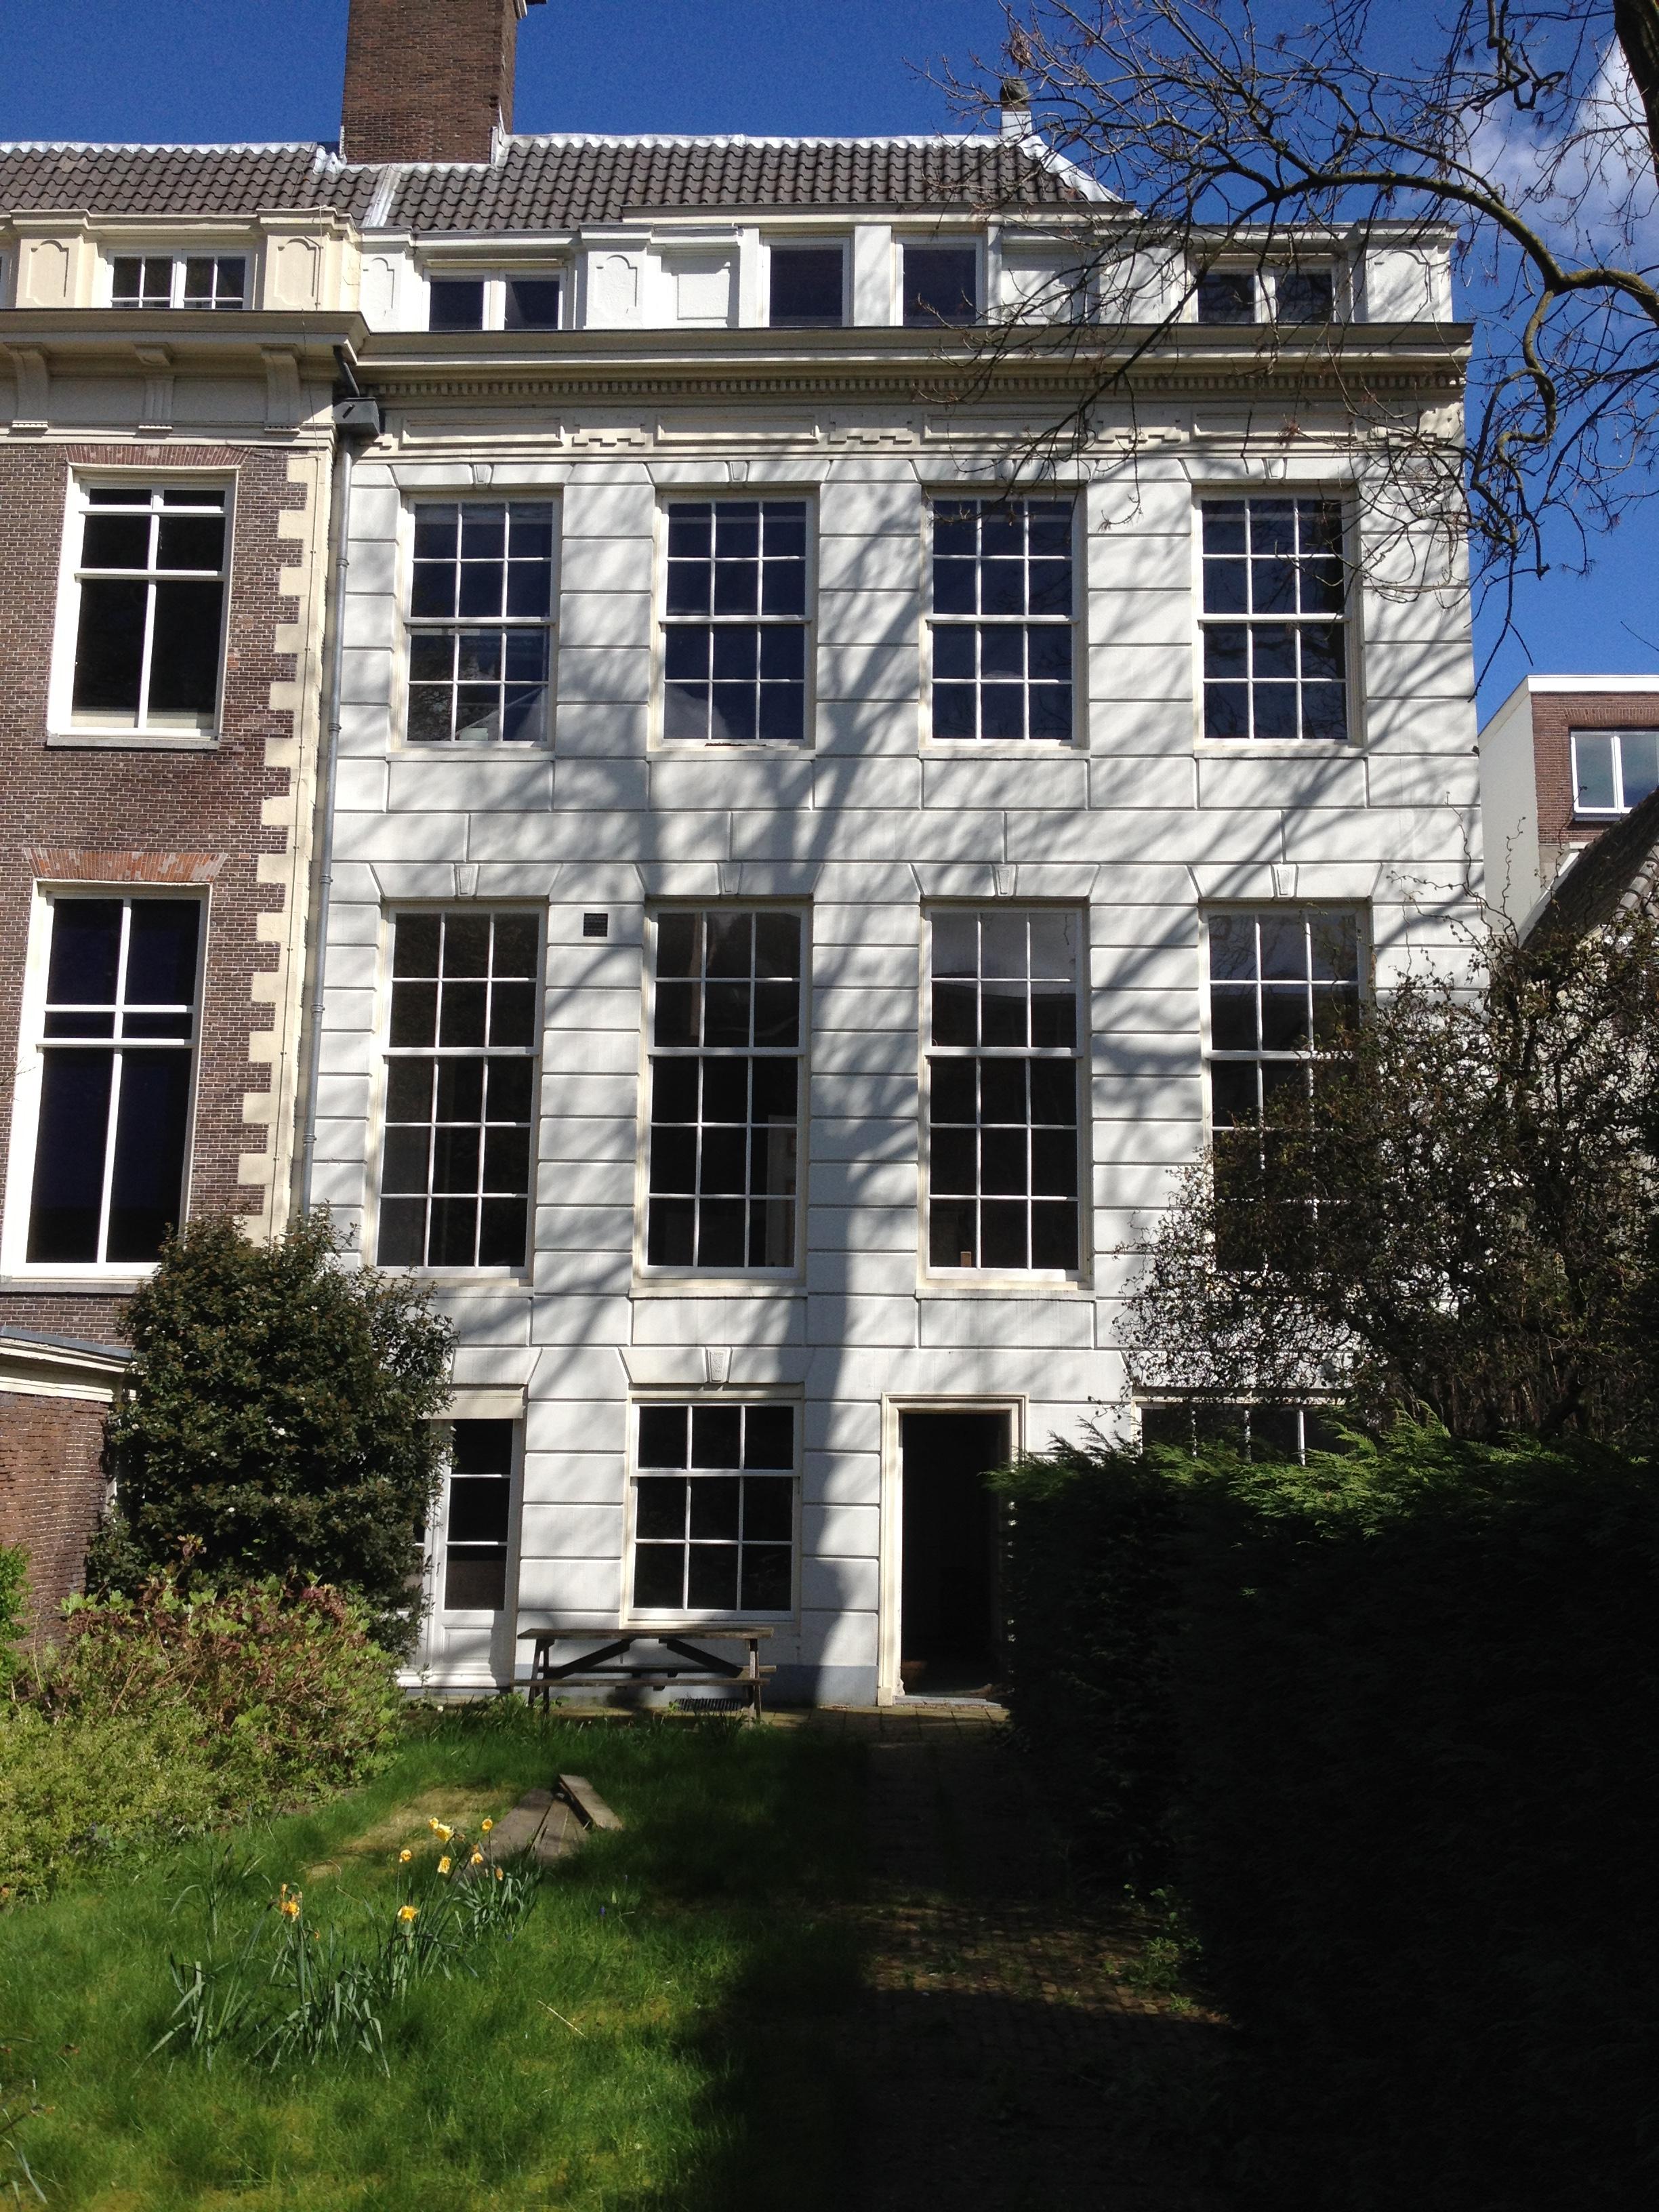 Woonhuis herengracht amsterdam pickkers for Woonhuis rotterdam